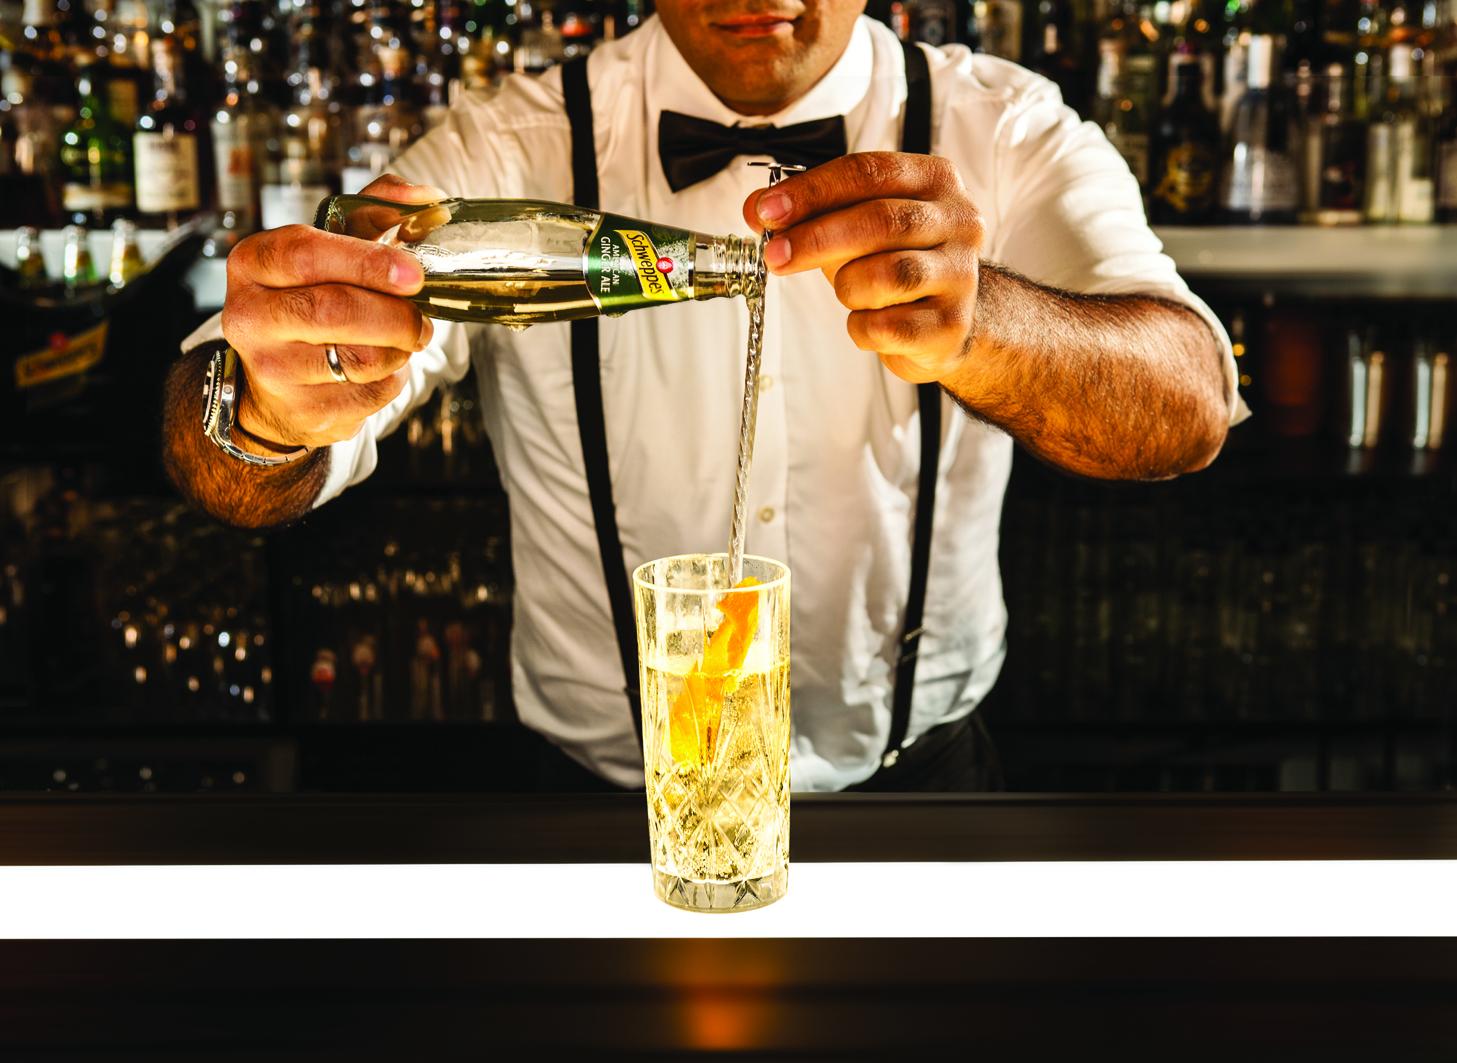 Schweppes profitiert vom Gin Hype